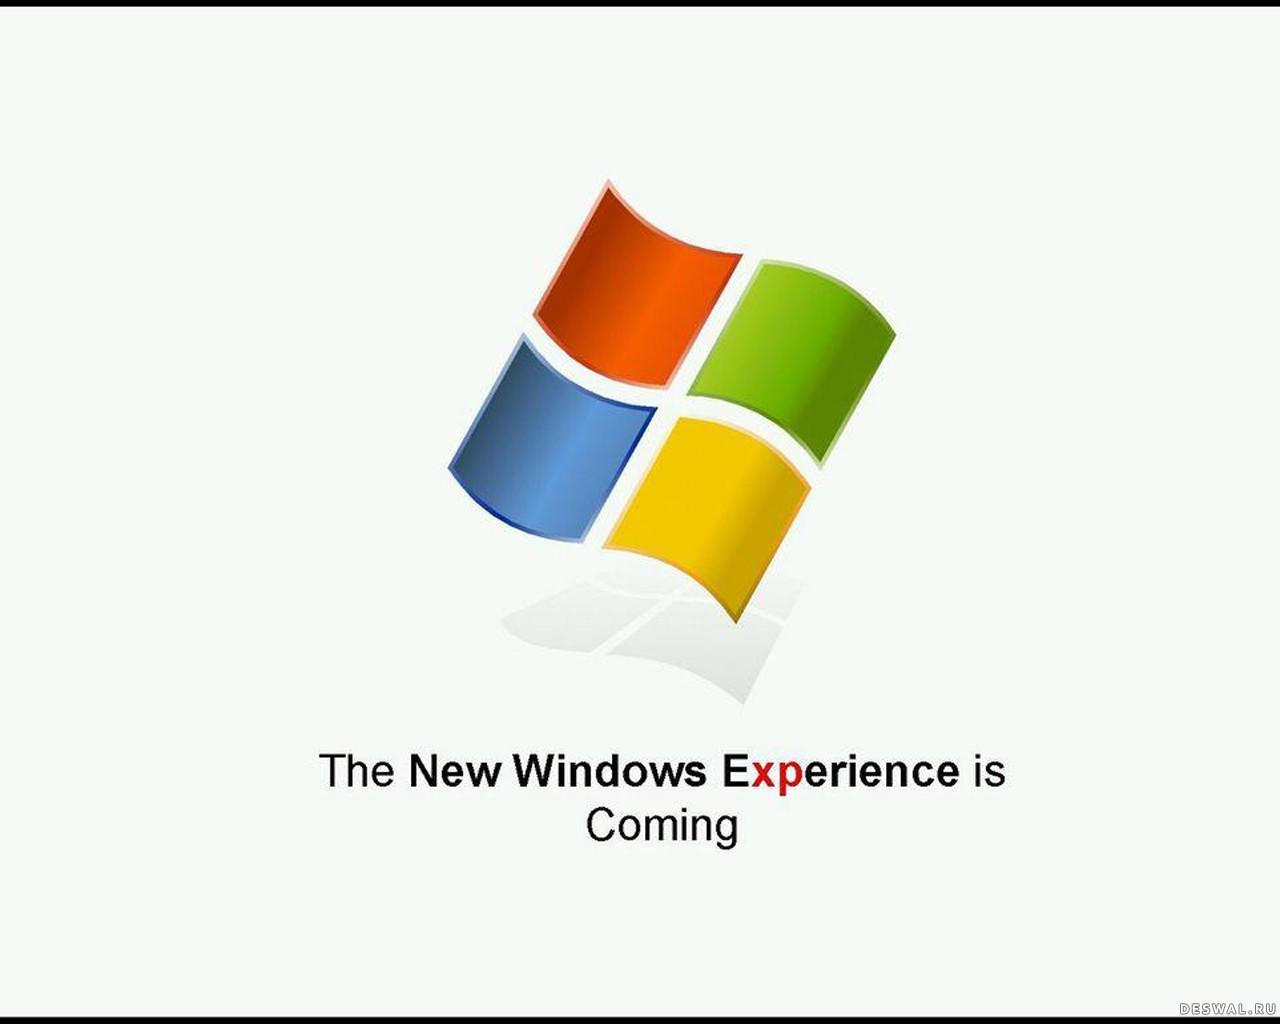 Фото 29. Нажмите на картинку с обоями windows, чтобы просмотреть ее в реальном размере